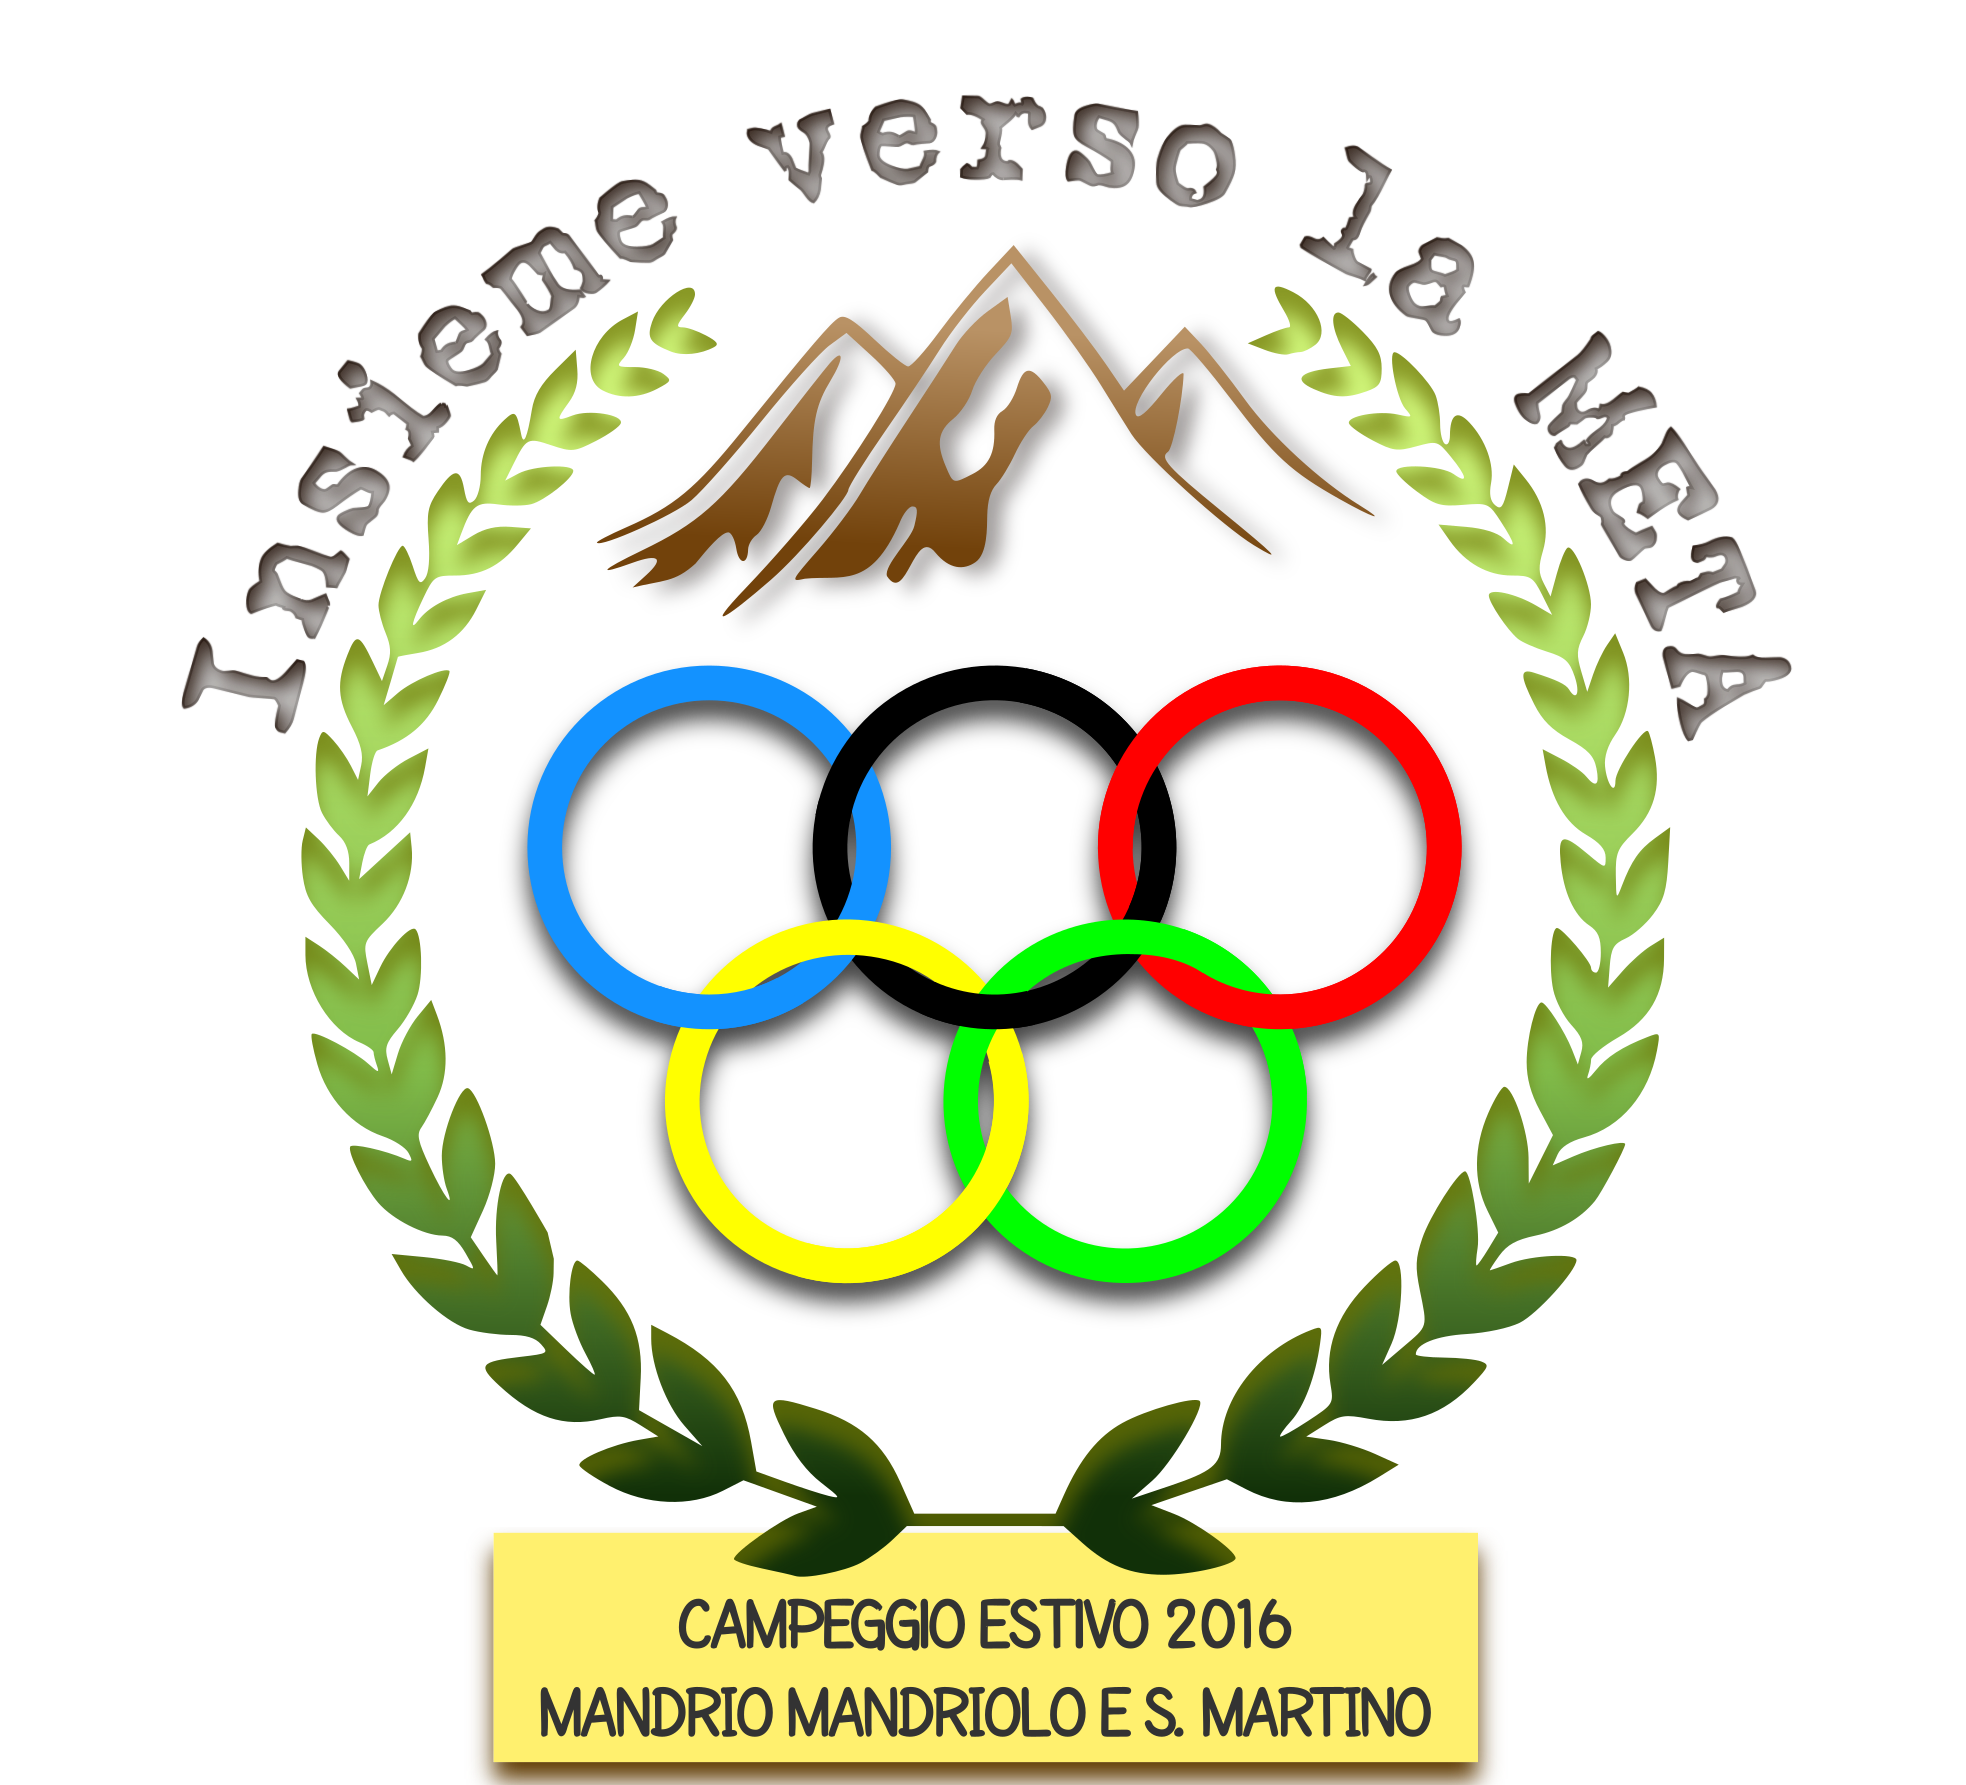 LOGO campeggio 2016